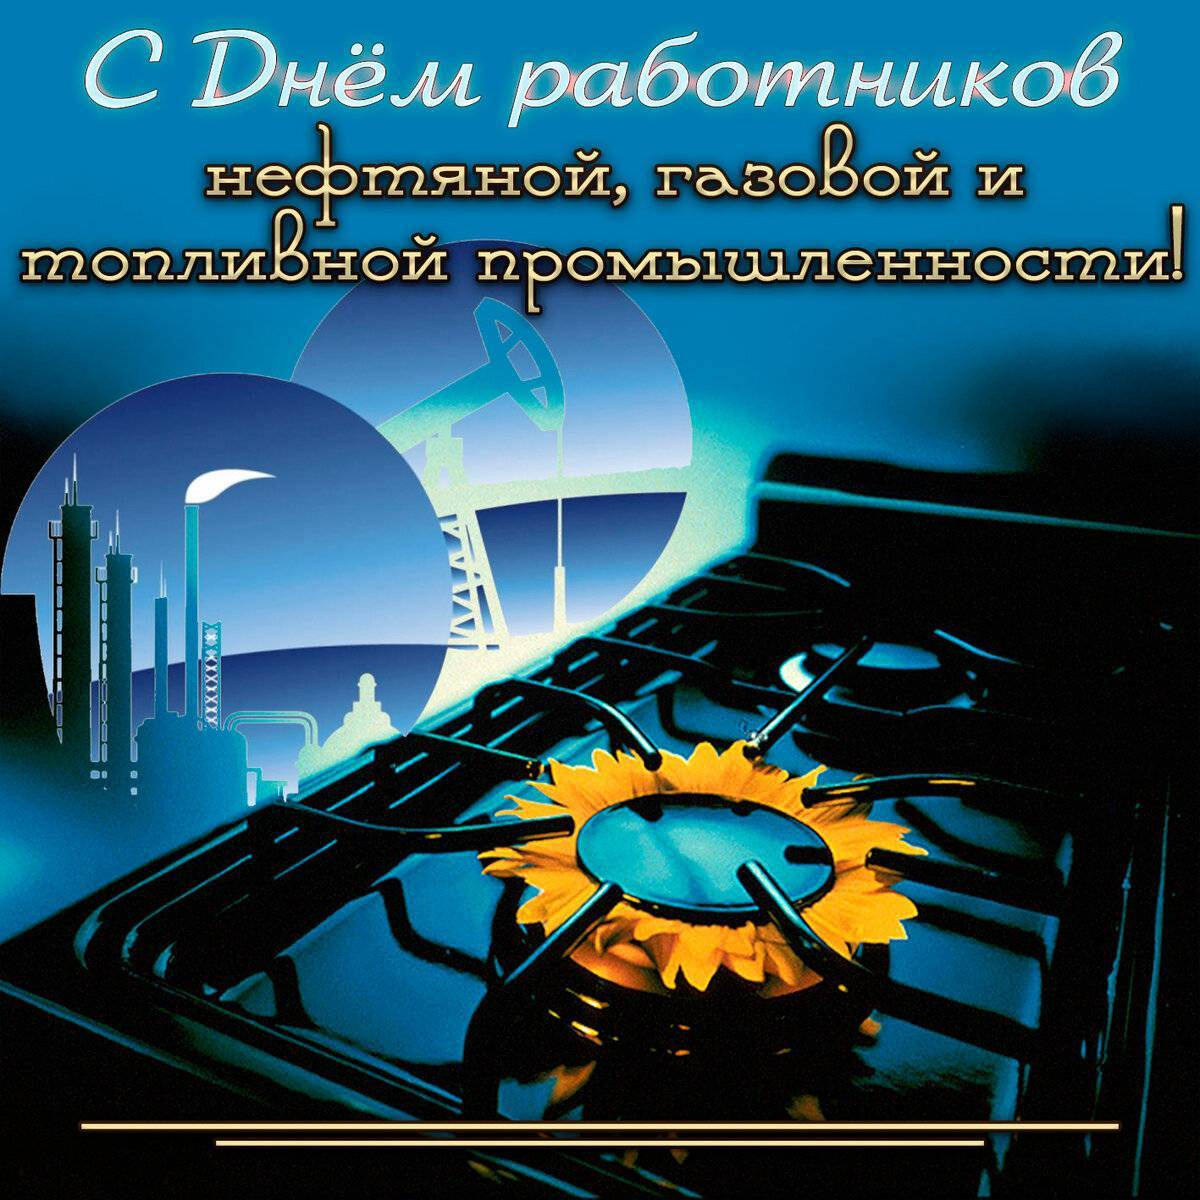 Длинные поздравления с днем нефтяника — 2 поздравления — stost.ru | поздравления работника нефтяной и газовой промышленности, газовщика. страница 1